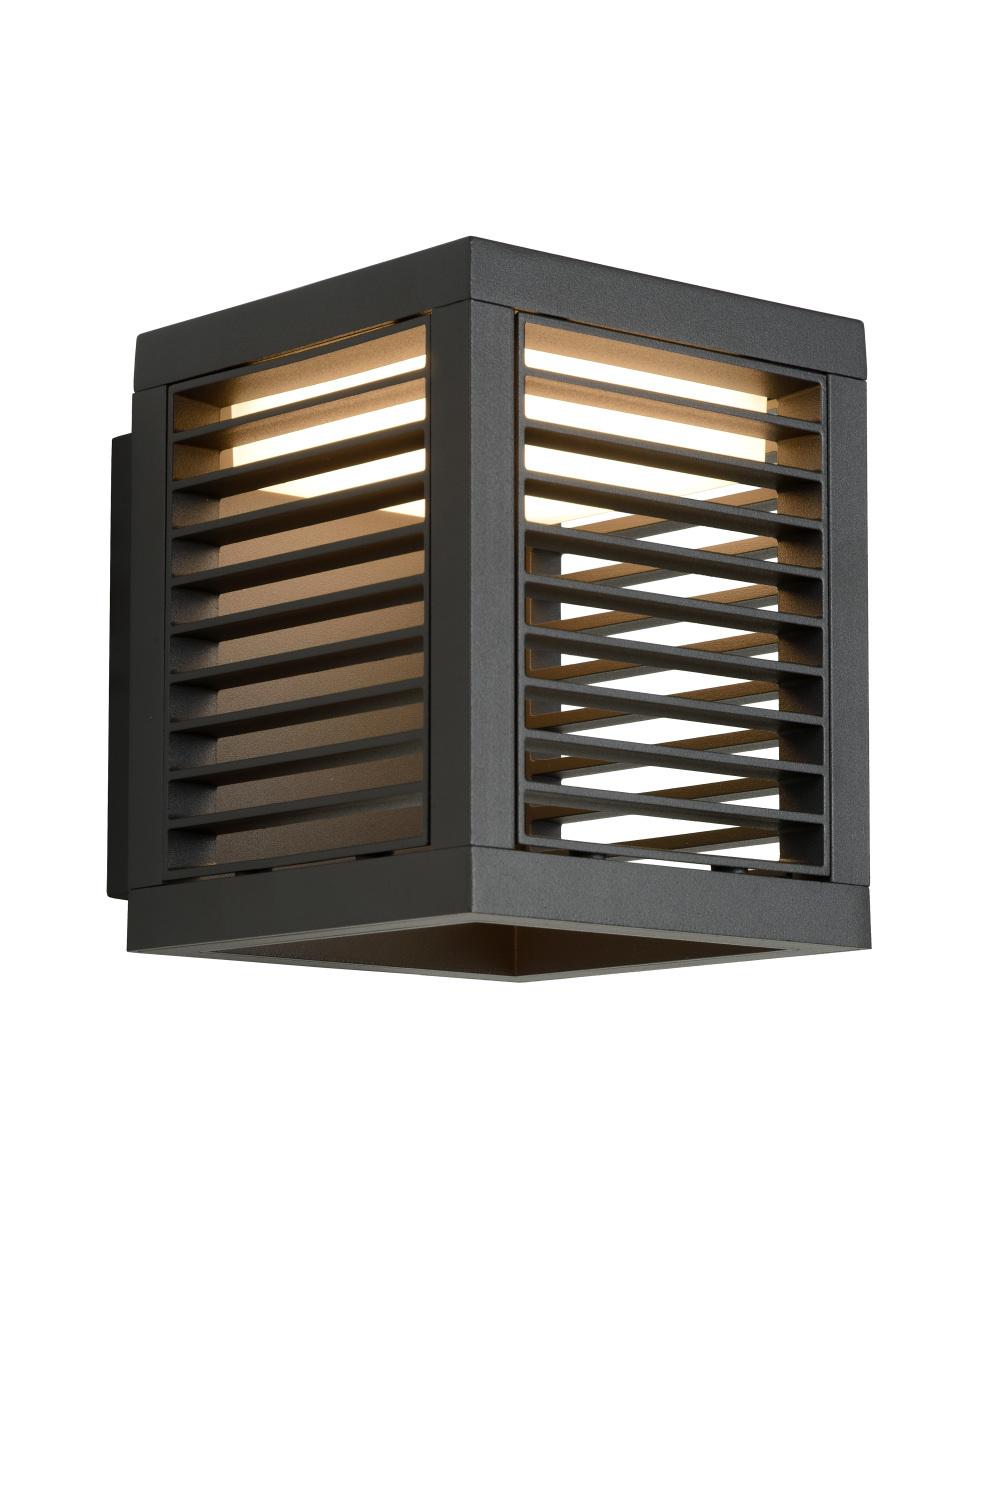 Lucide SLITS Wandlamp Buiten-Antrac.-LED-14W-3000K/2700K